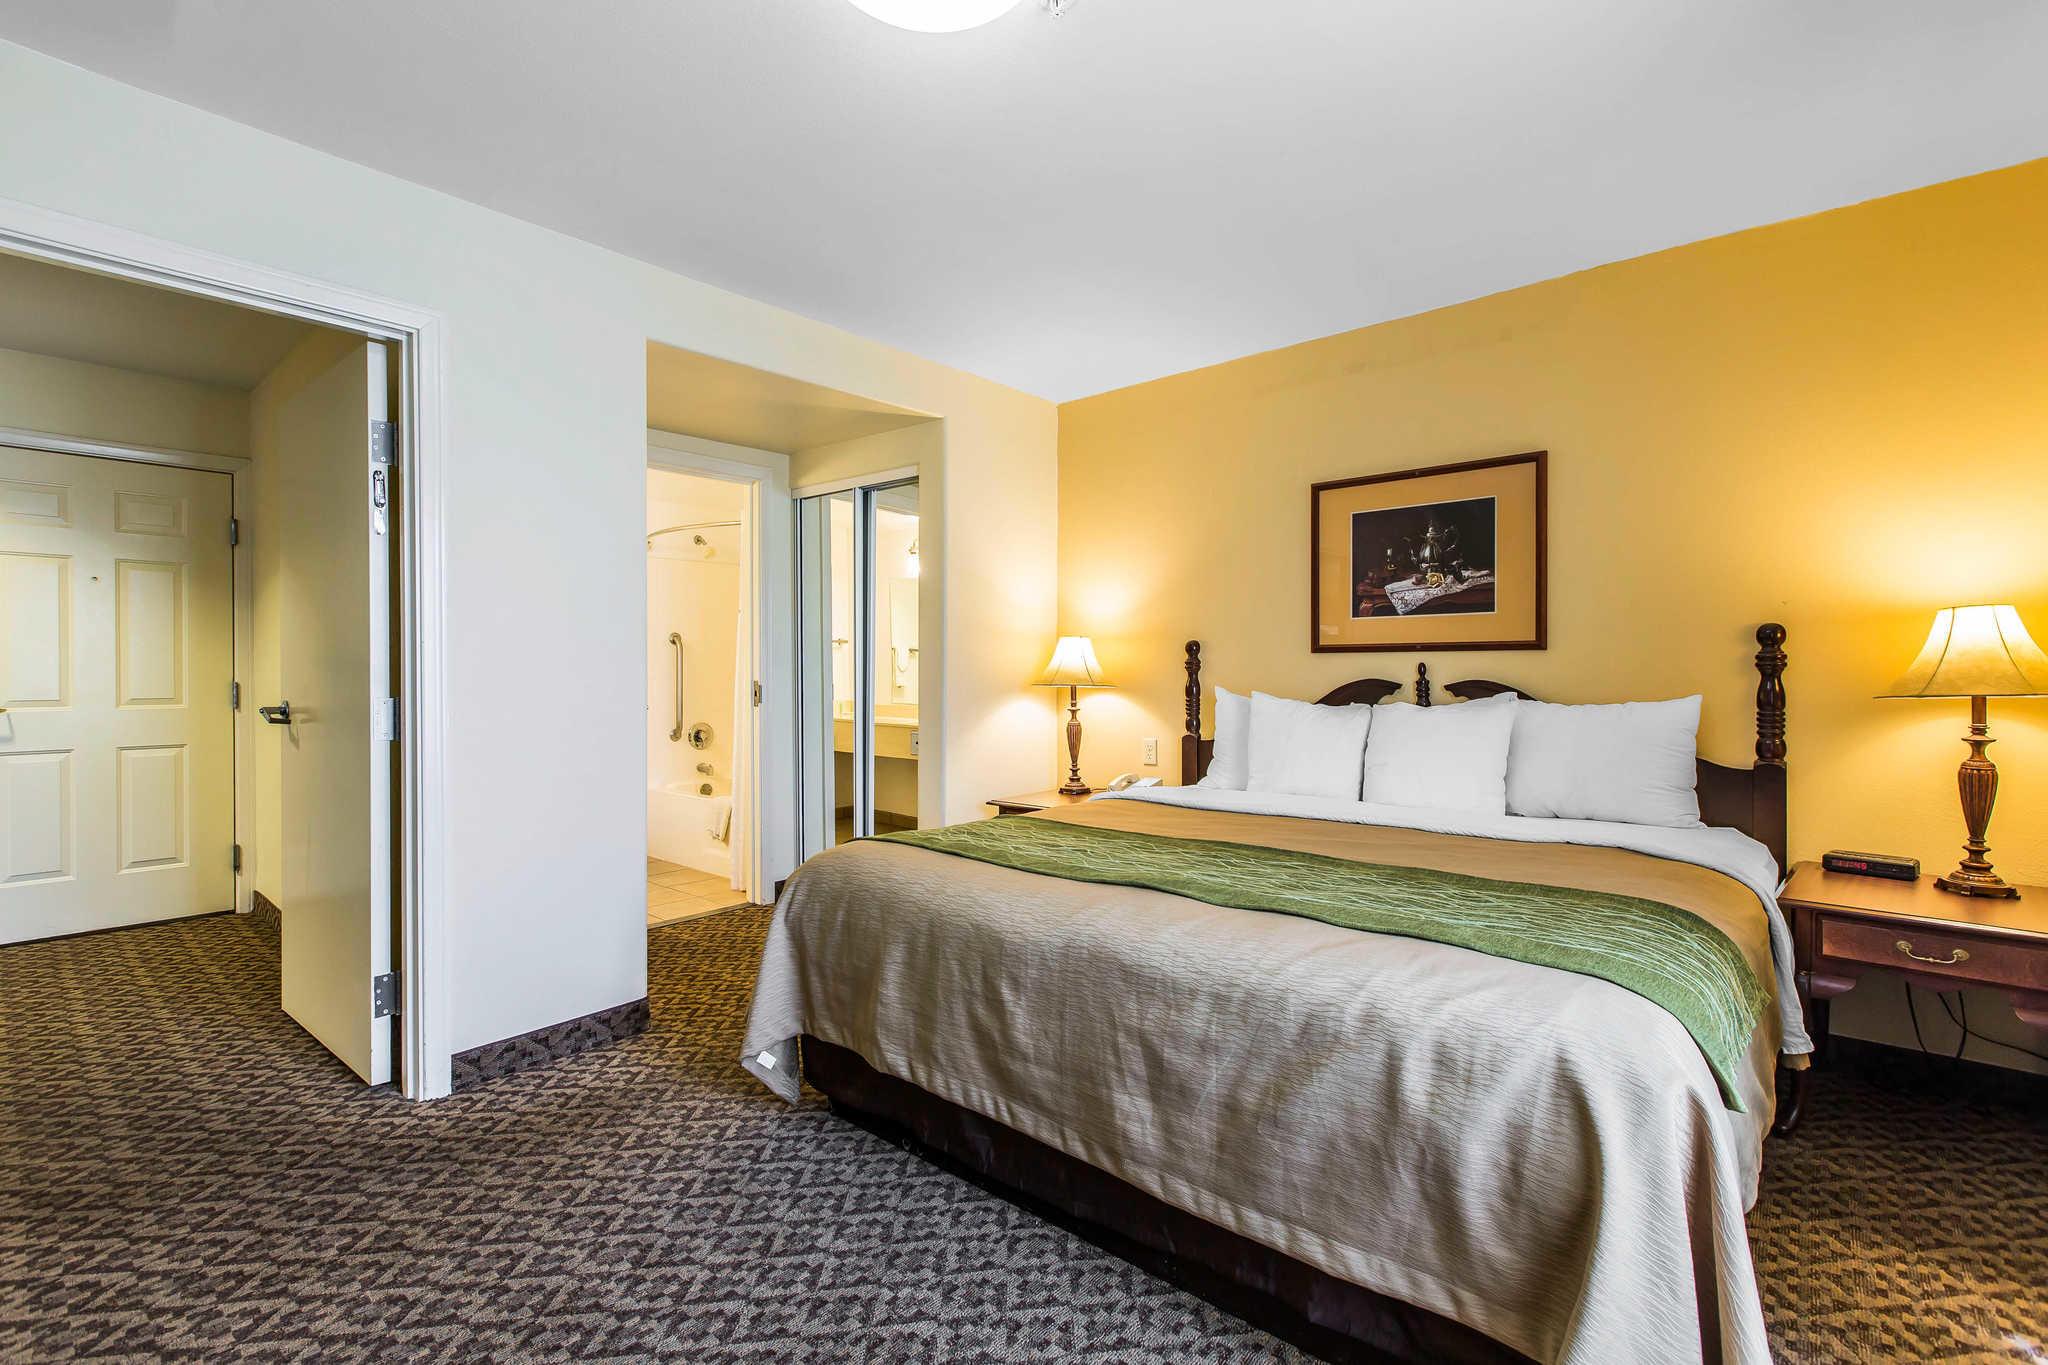 Comfort Inn & Suites El Centro I-8 image 25